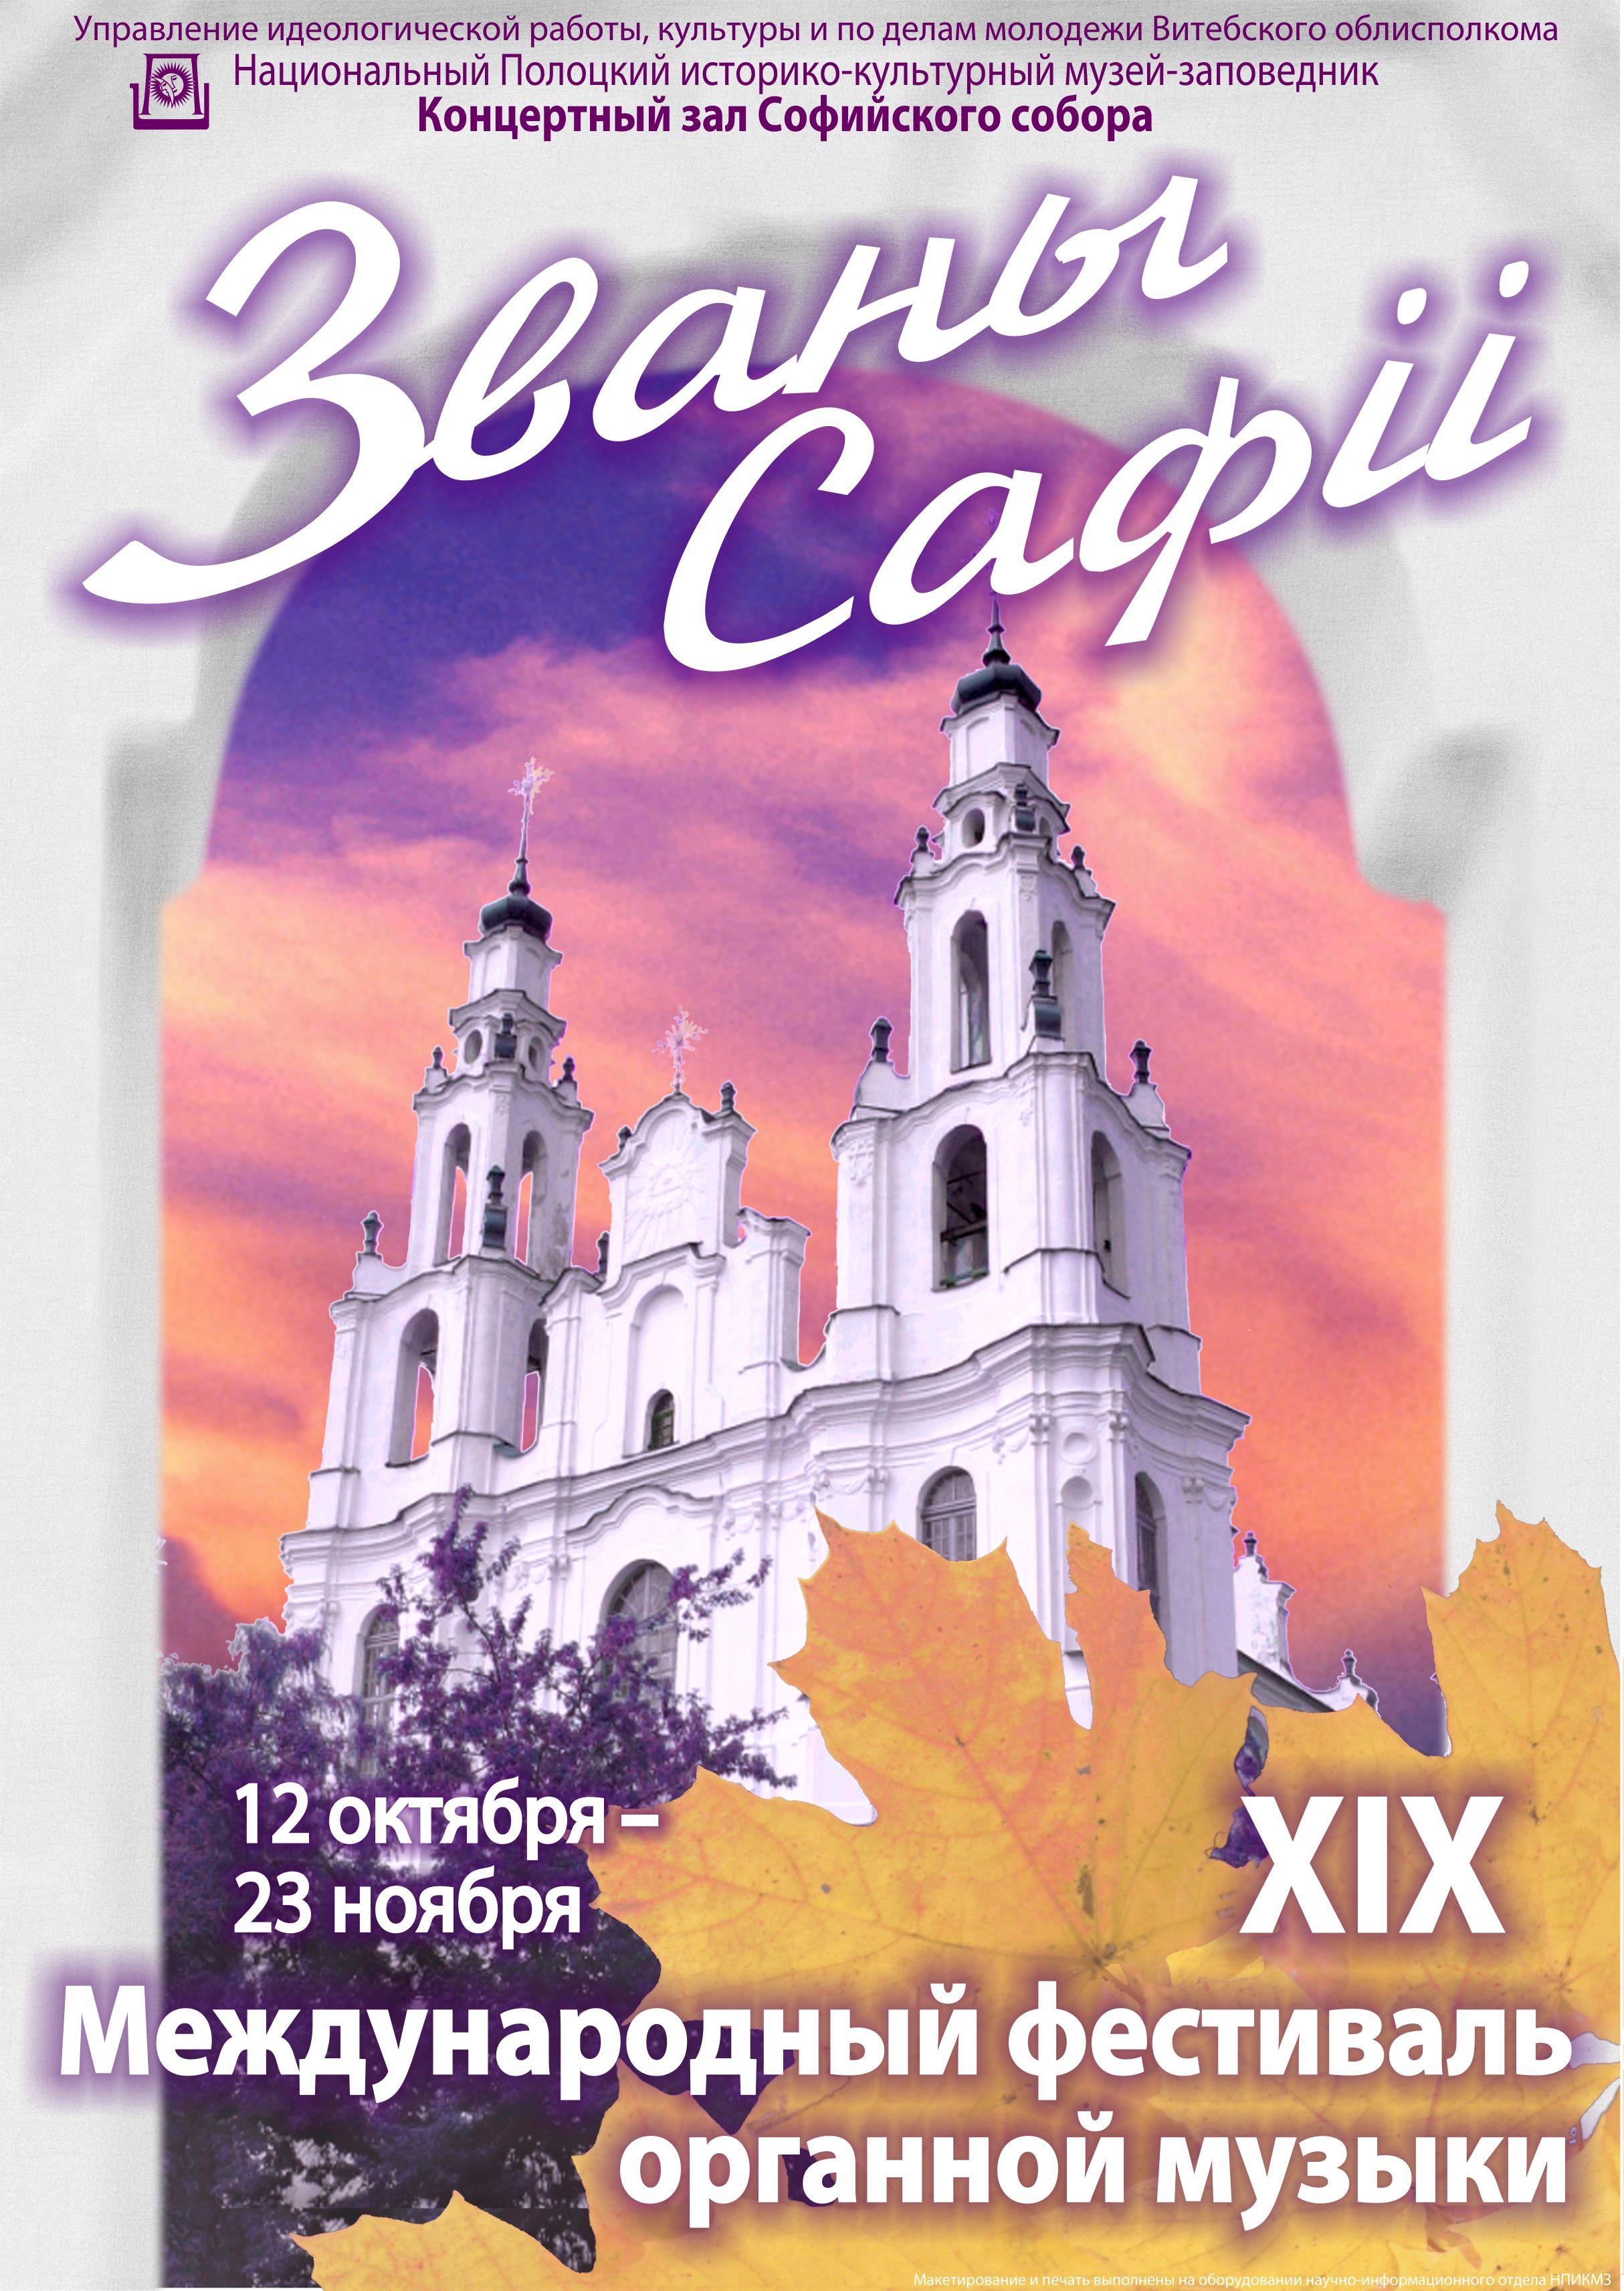 XIX Международный фестиваль органной музыки